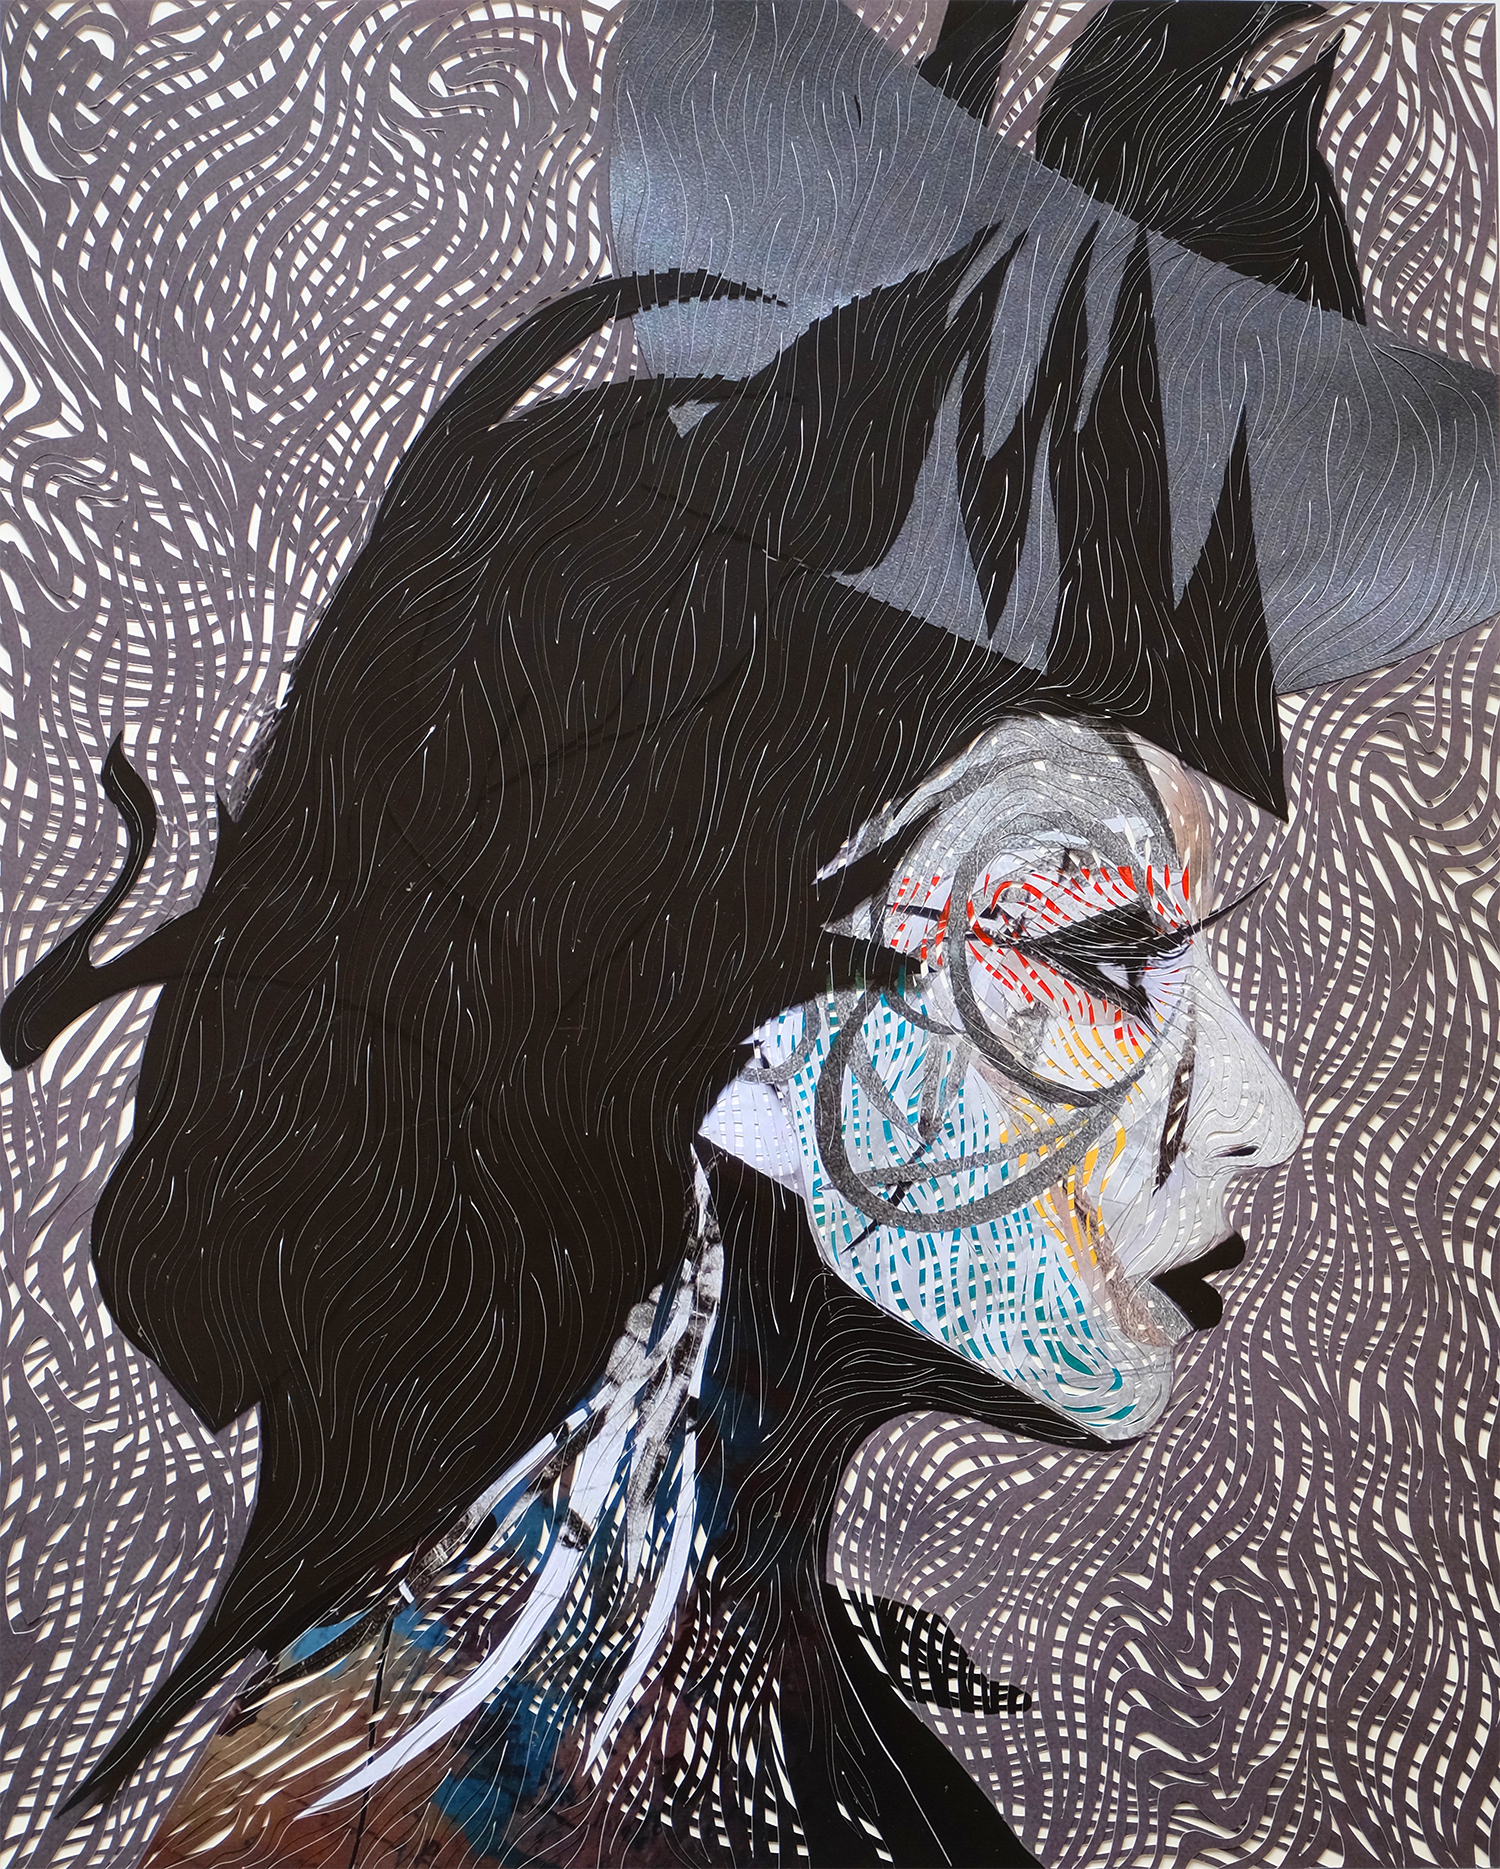 Marco Gallotta, Lady Gaga